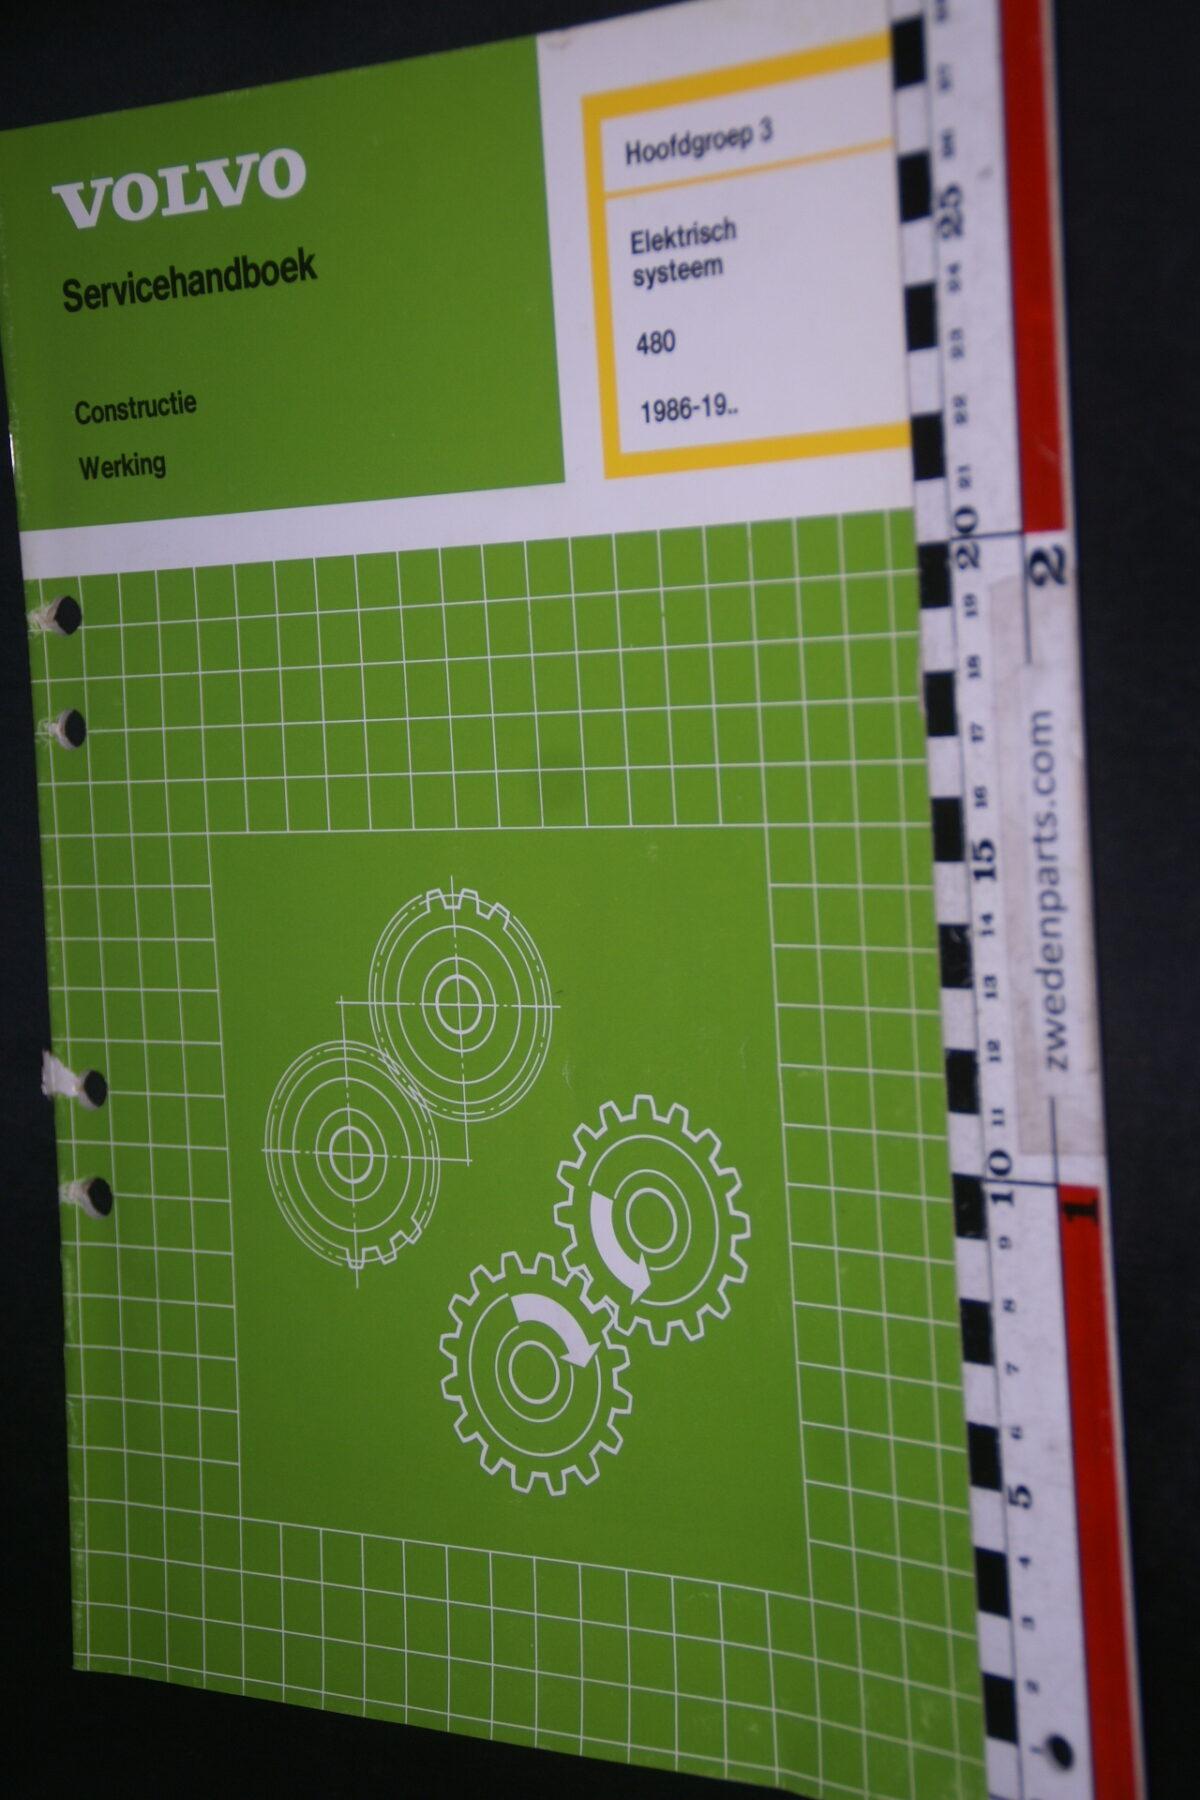 DSC09411 1986 origineel werkplaatsboek 3 electrisch systeem Volvo 480 1 van 2.250 nr TP 35314-1